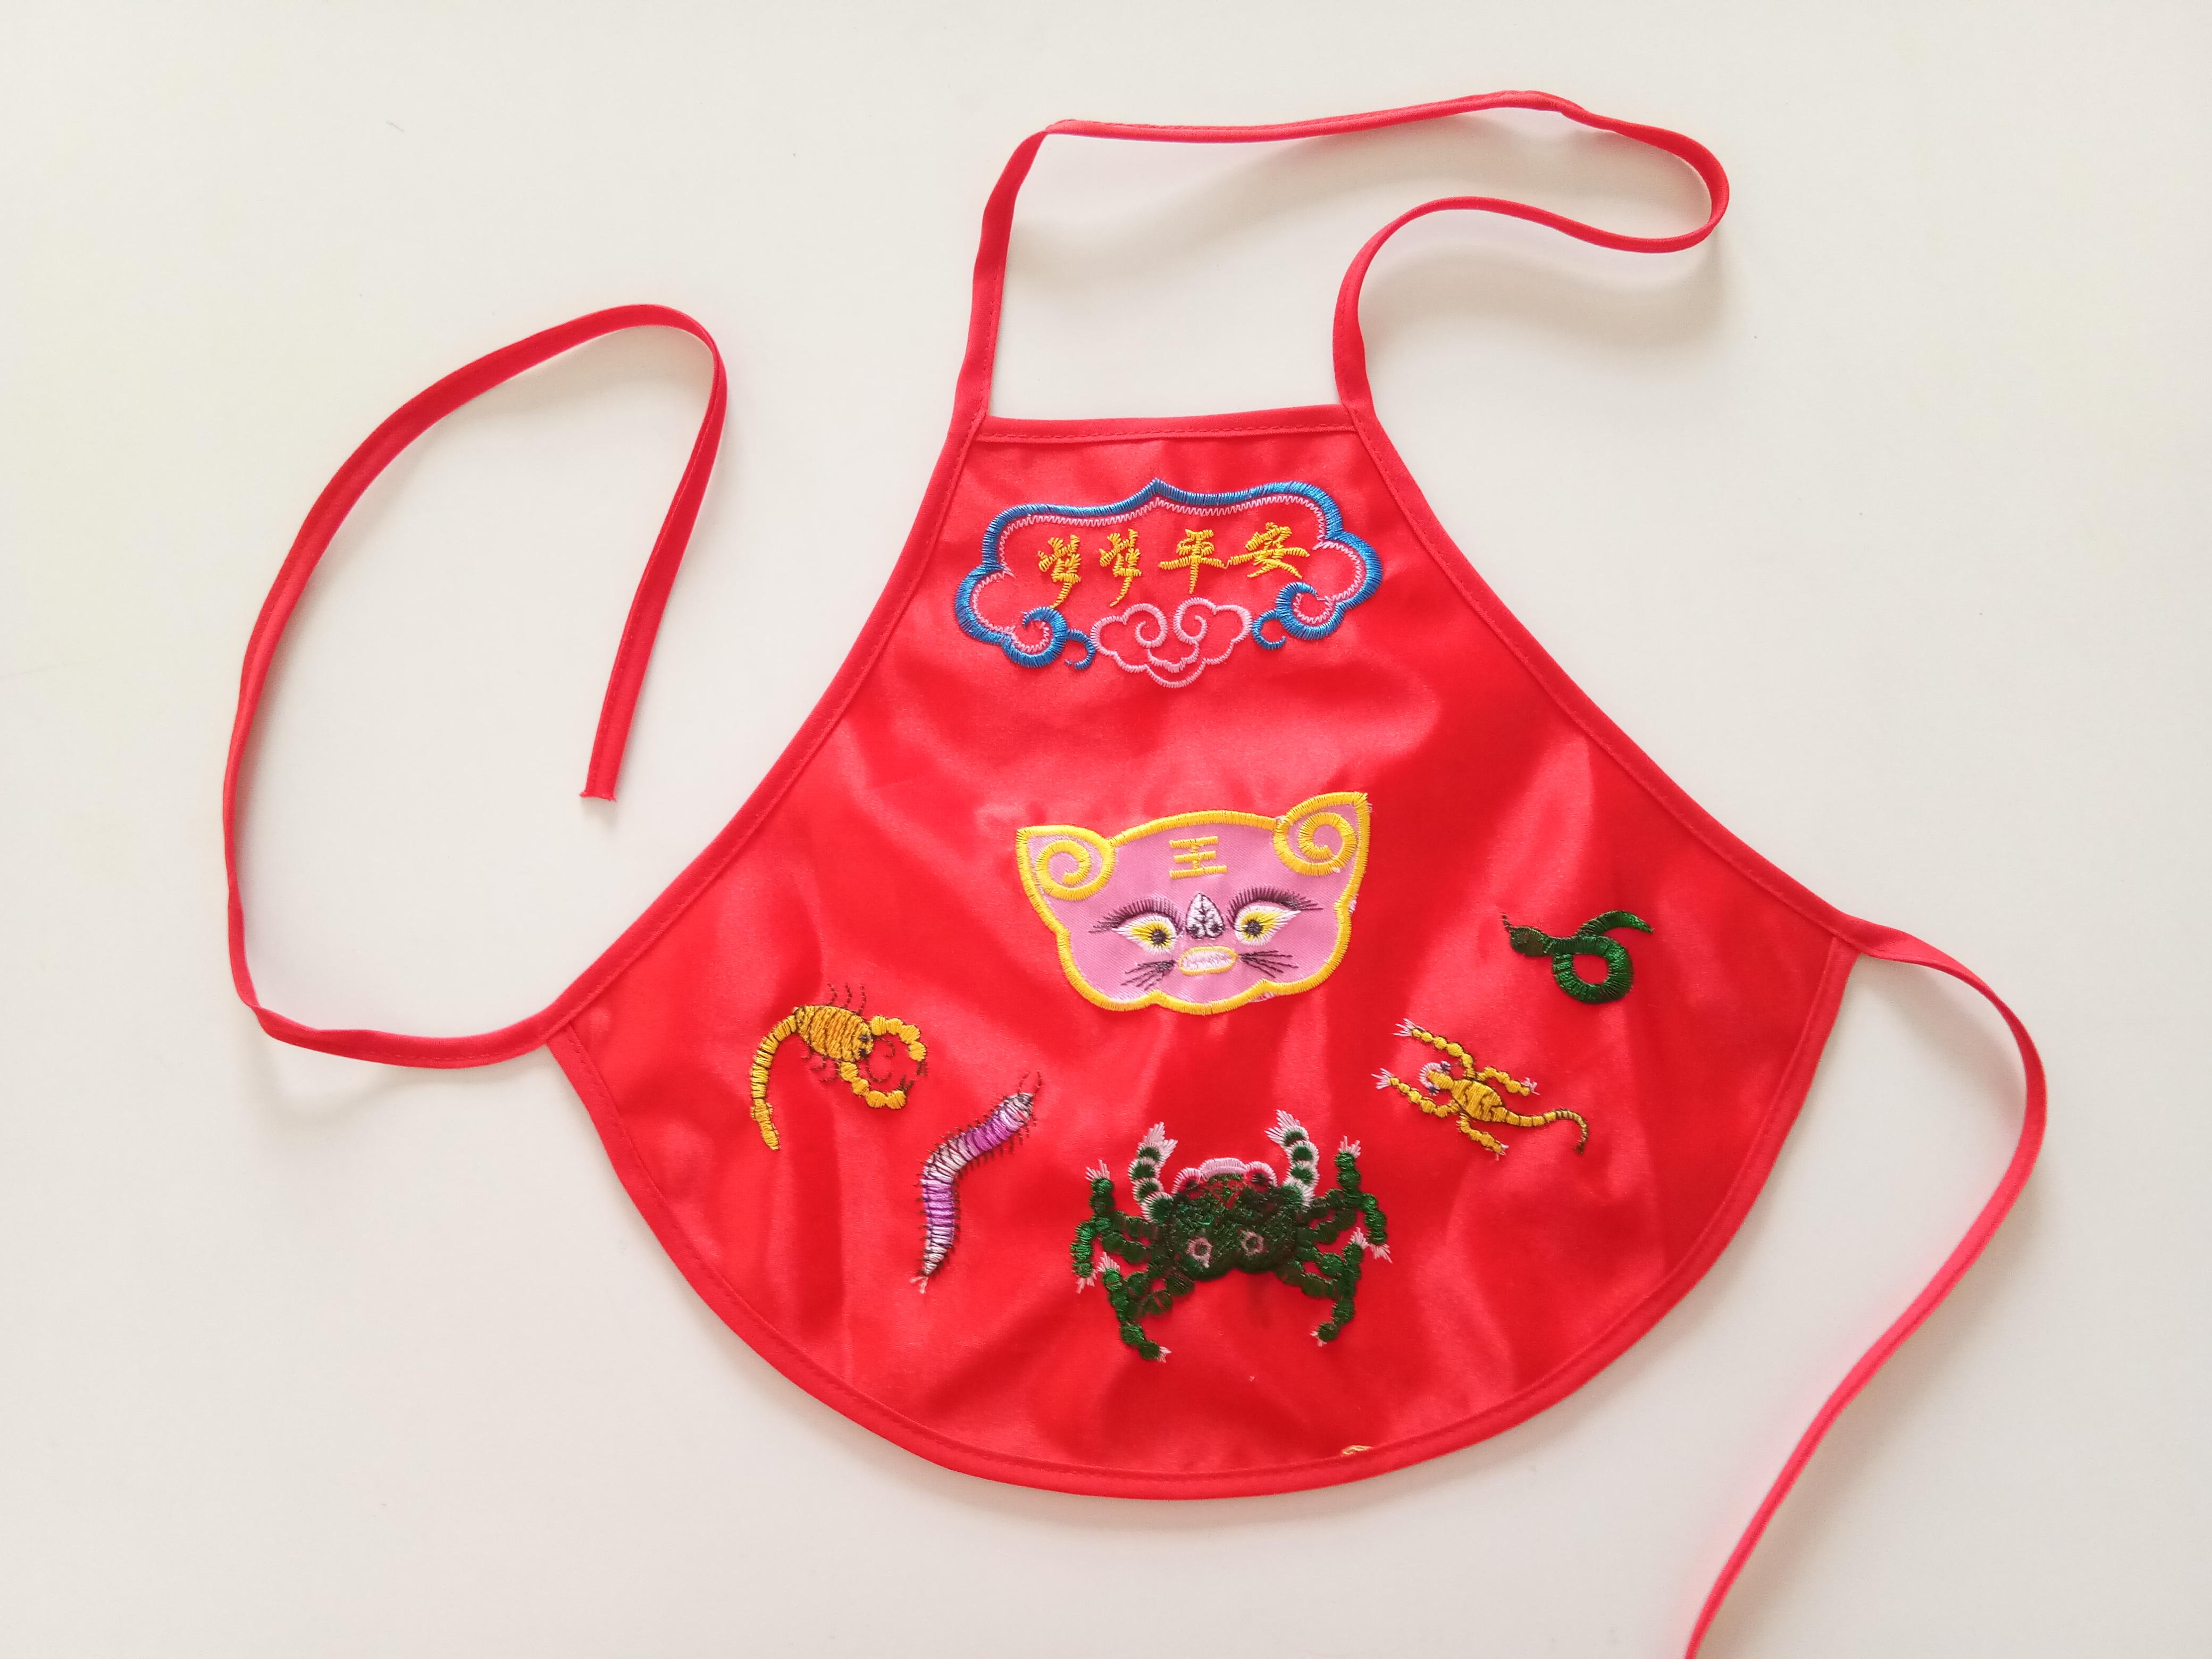 扇形婴儿绣花肚兜 大红绸缎婴儿肚兜